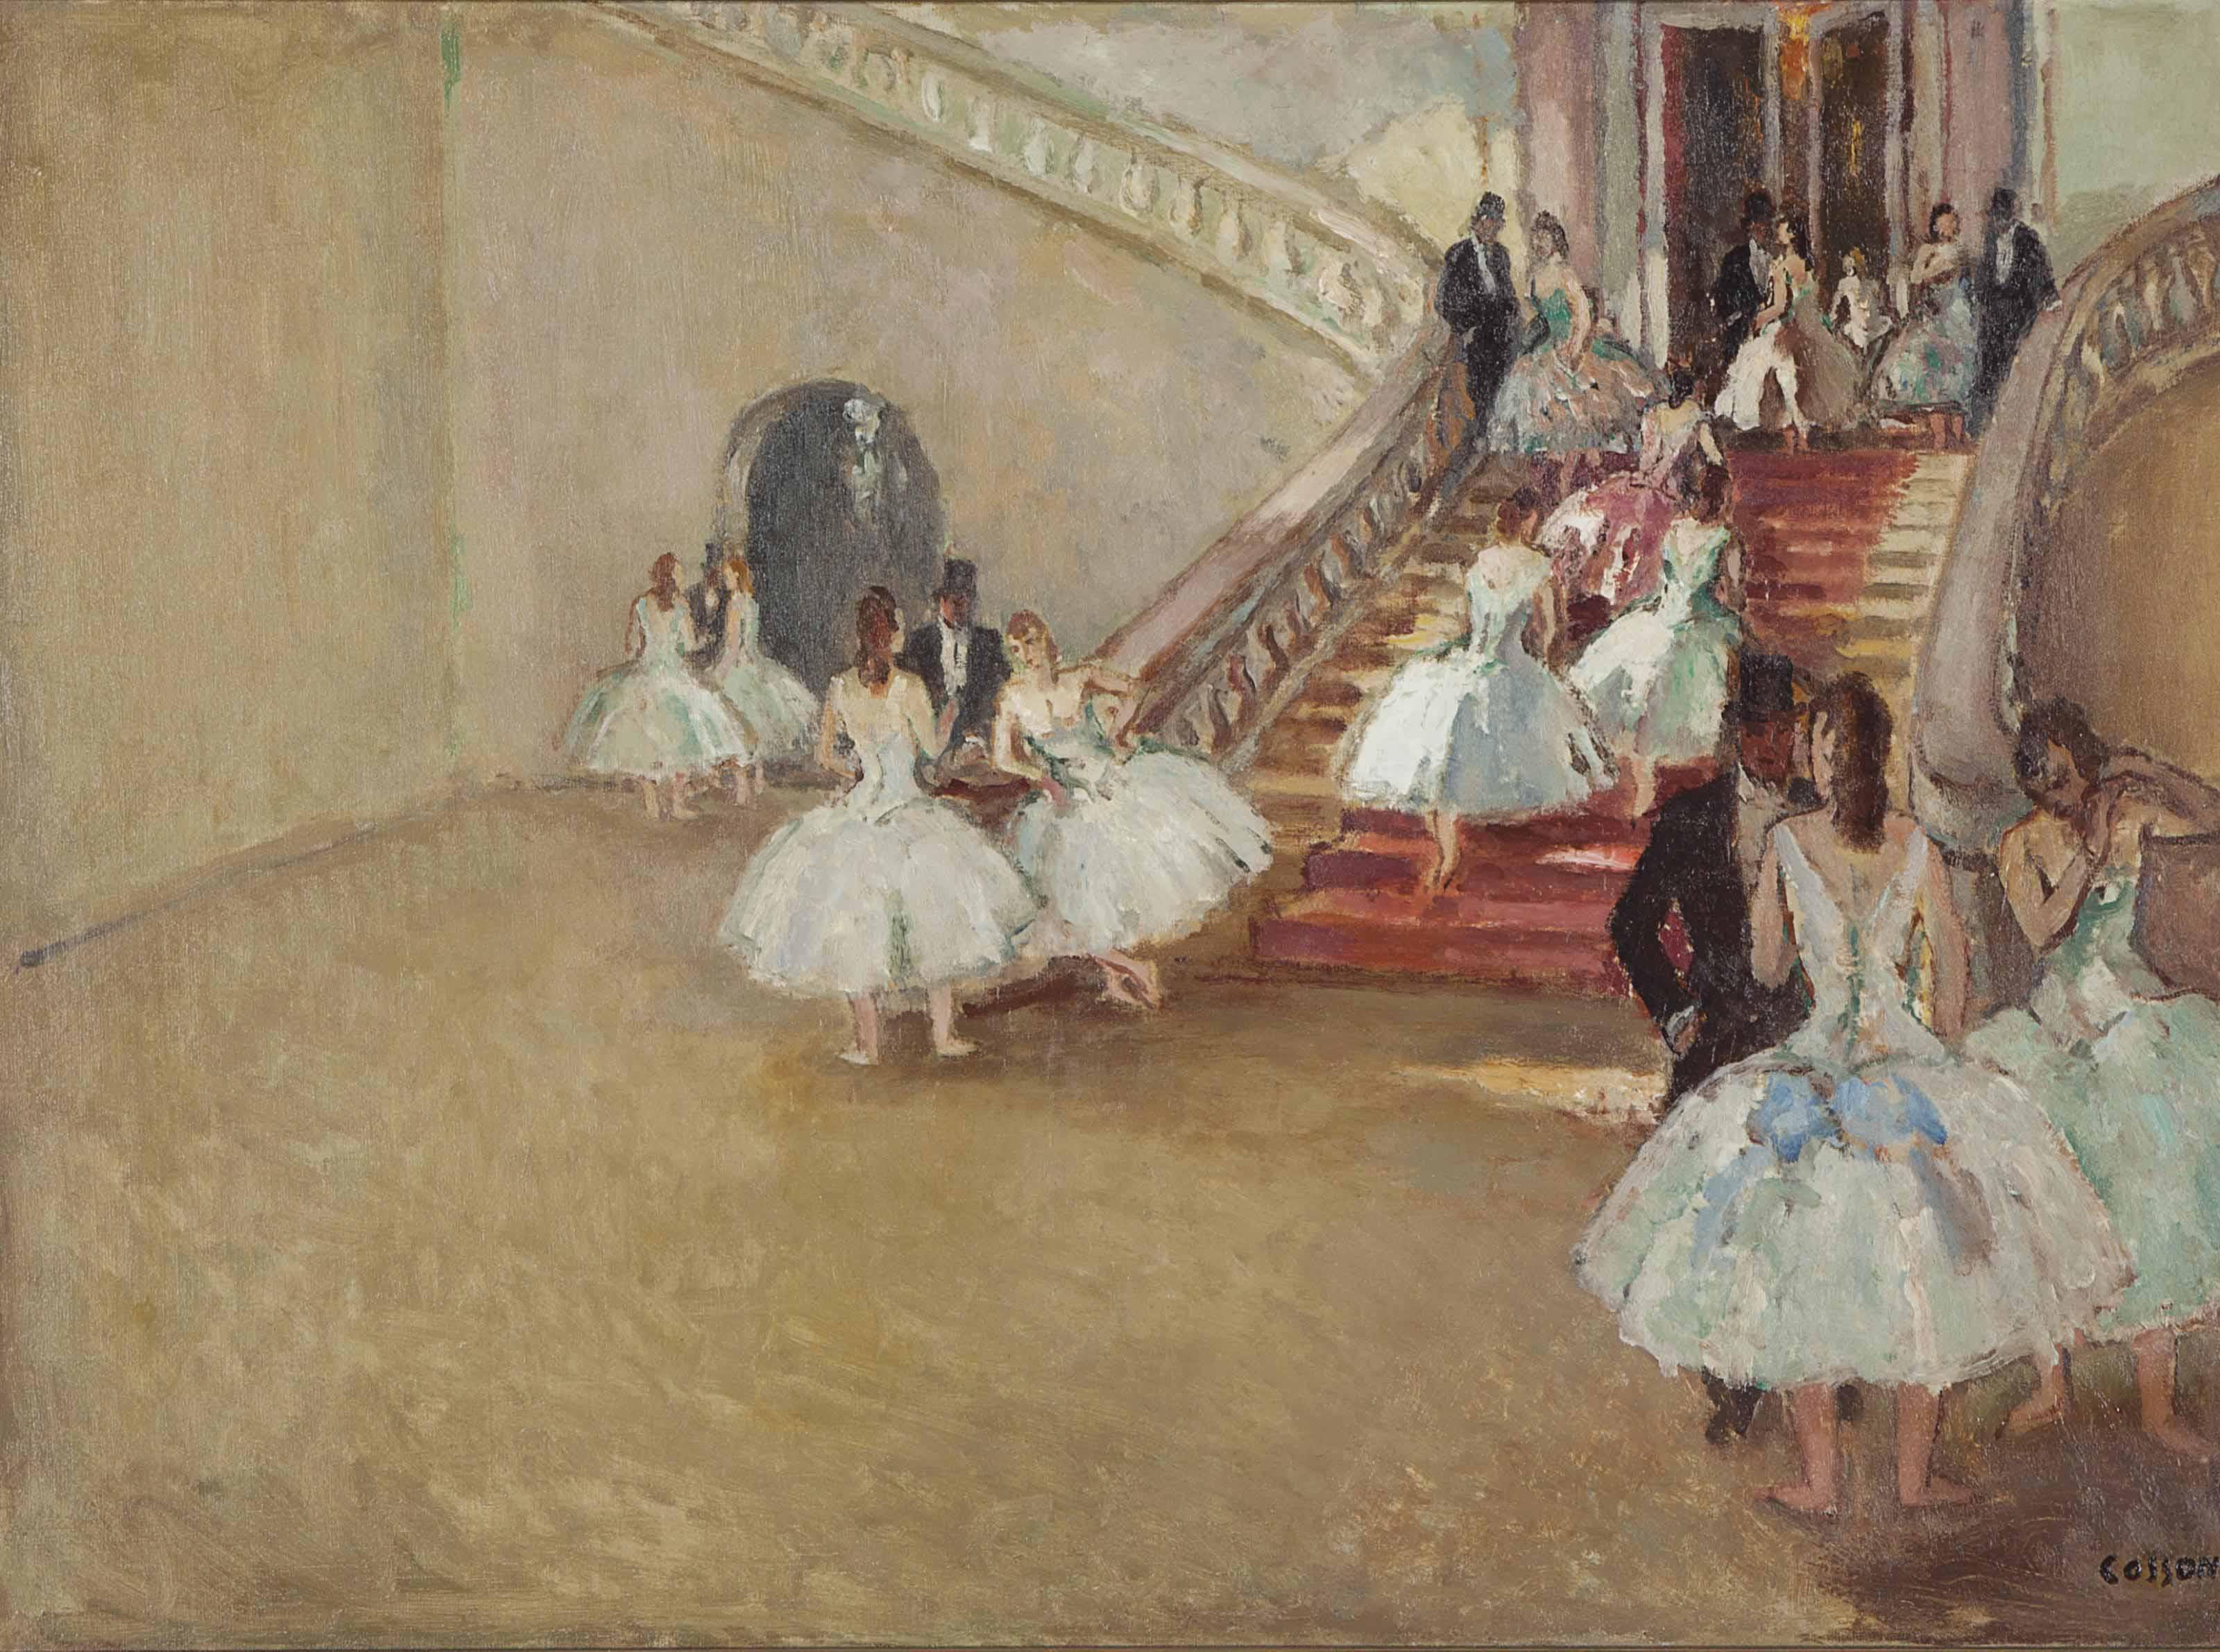 L'escalier du ballet